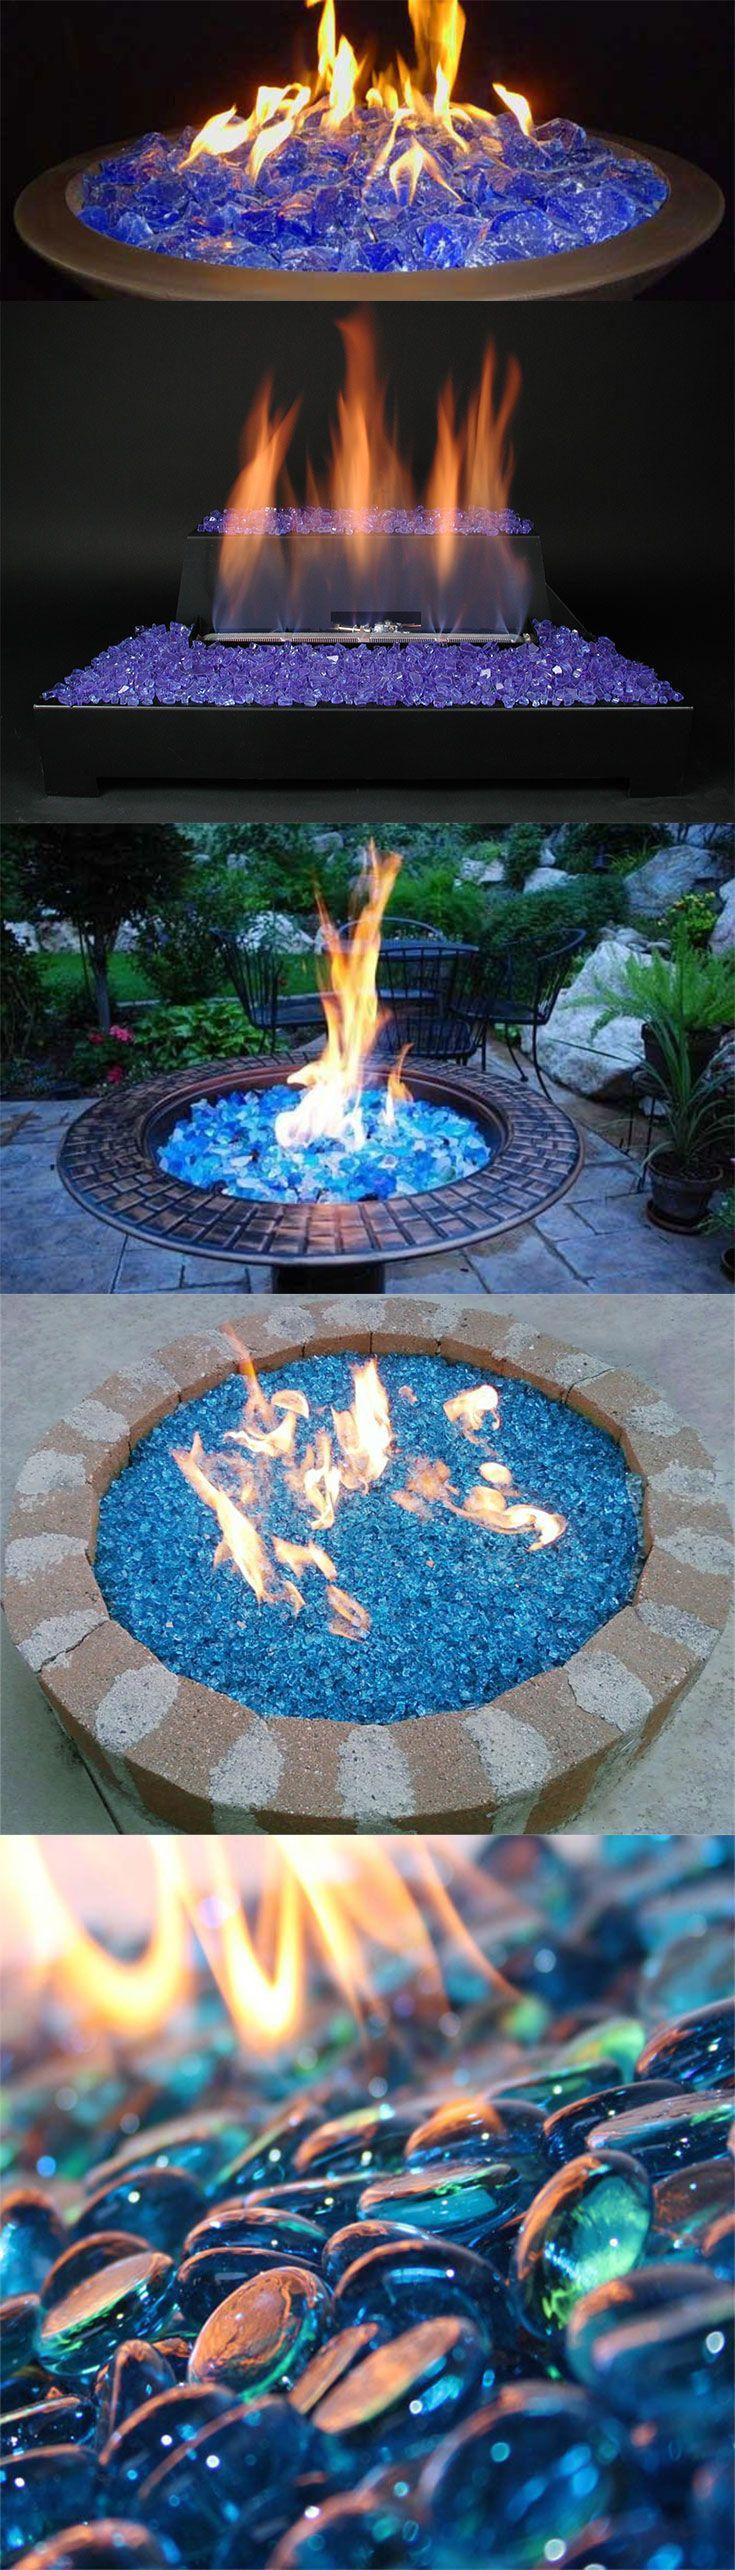 Fireglass Ice On Fire Get Weird Gifts Diy Outdoor Fireplace